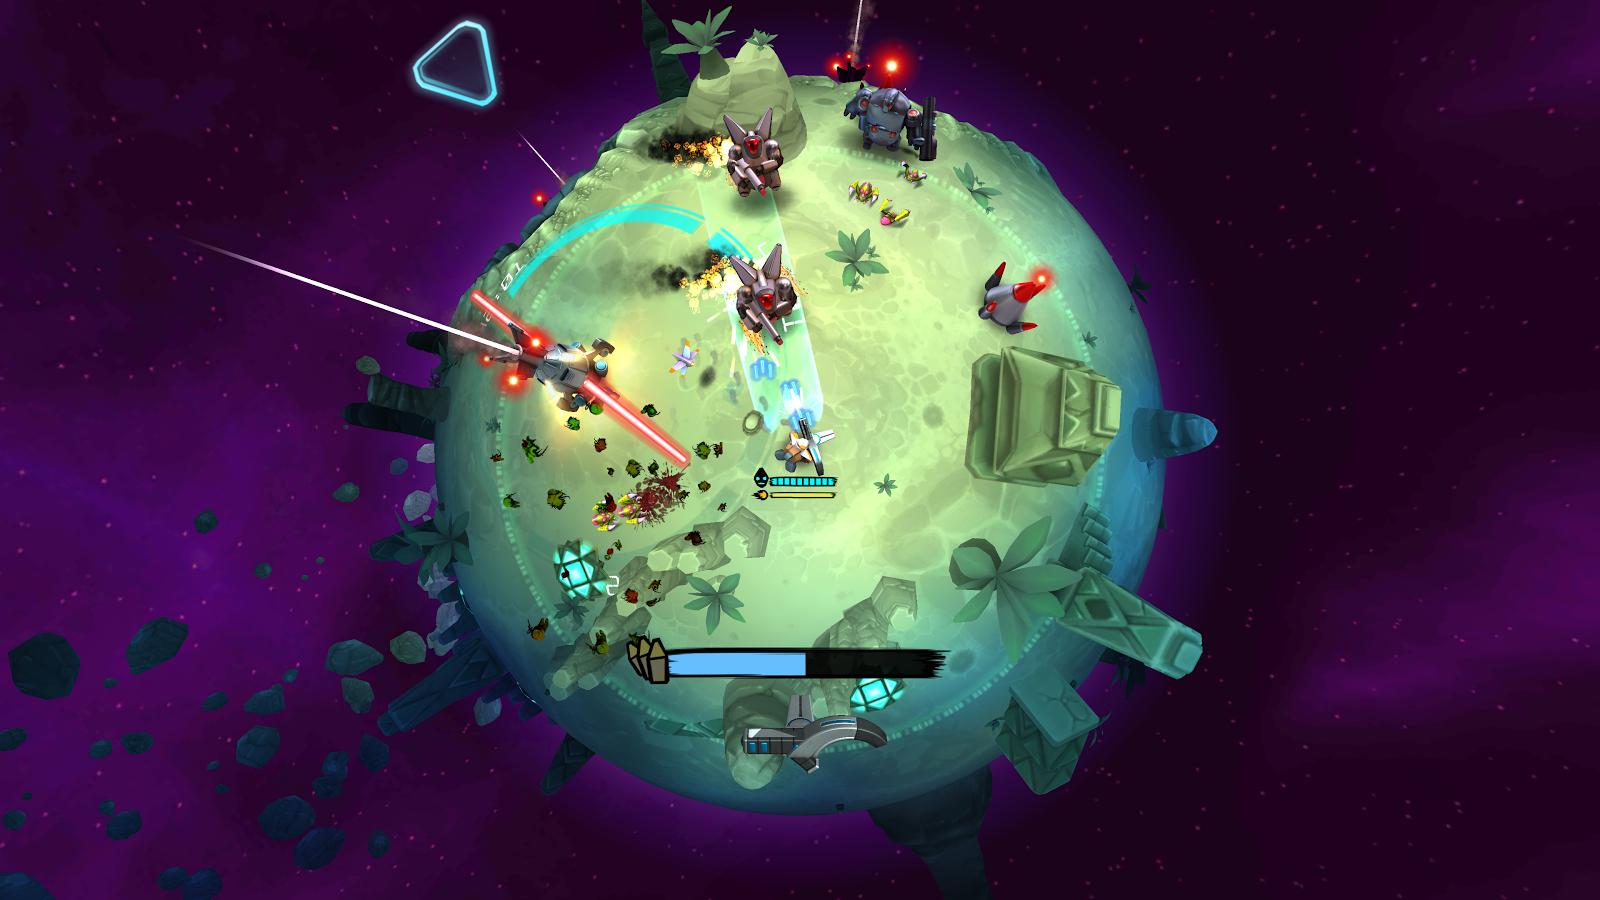 戰斗星球VR圖1